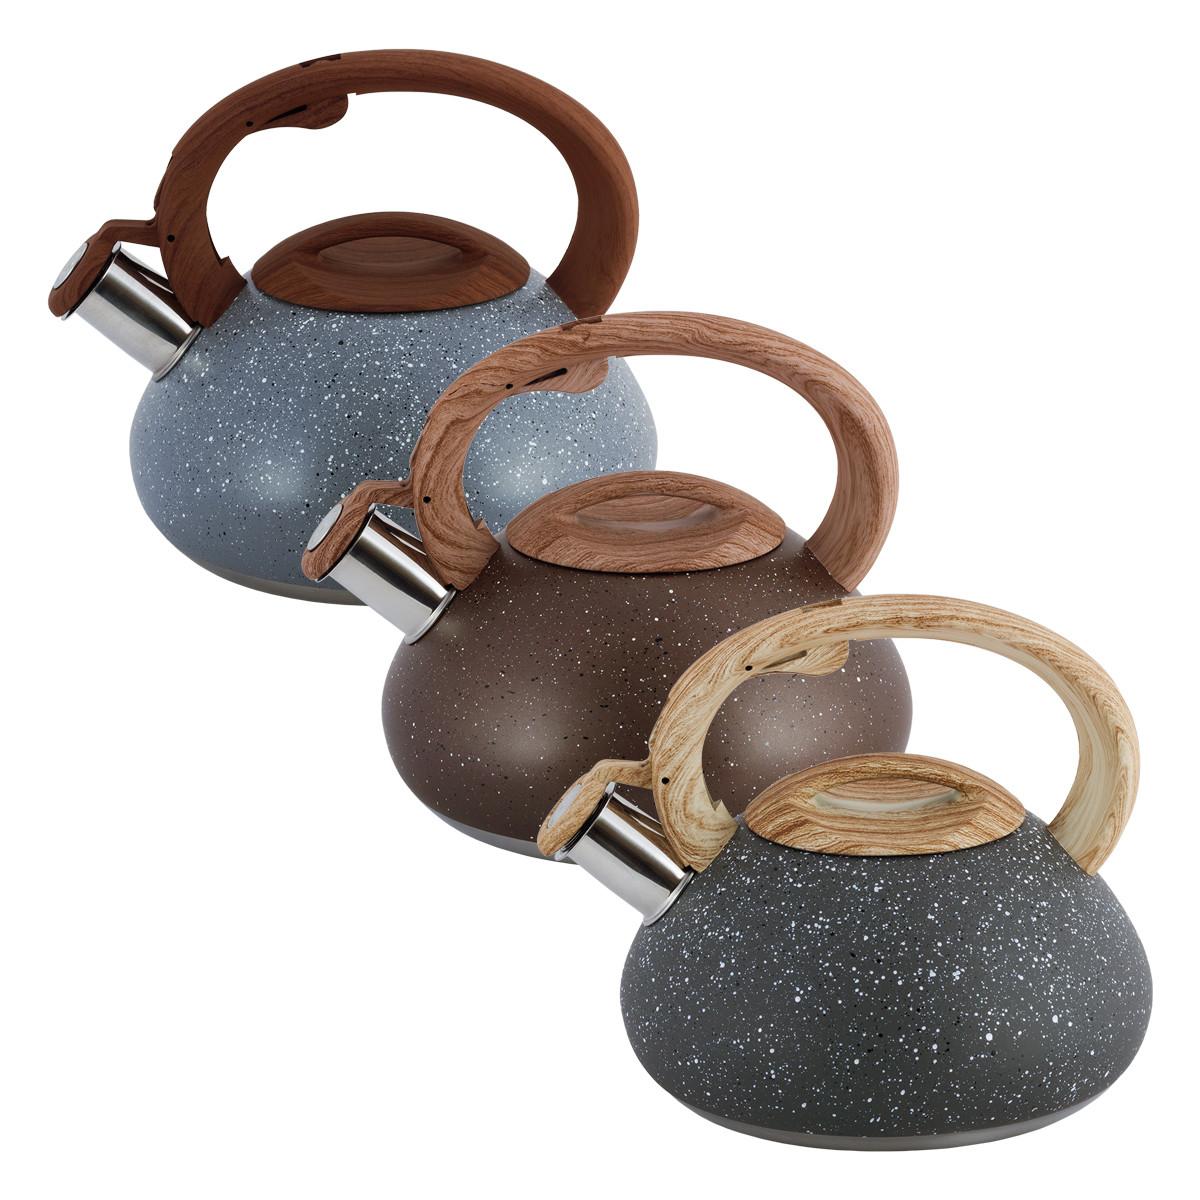 Чайник Kamille Серый 2.5л из нержавеющей стали со свистком и бакелитовой ручкой для индукции и газа KM-0680SR